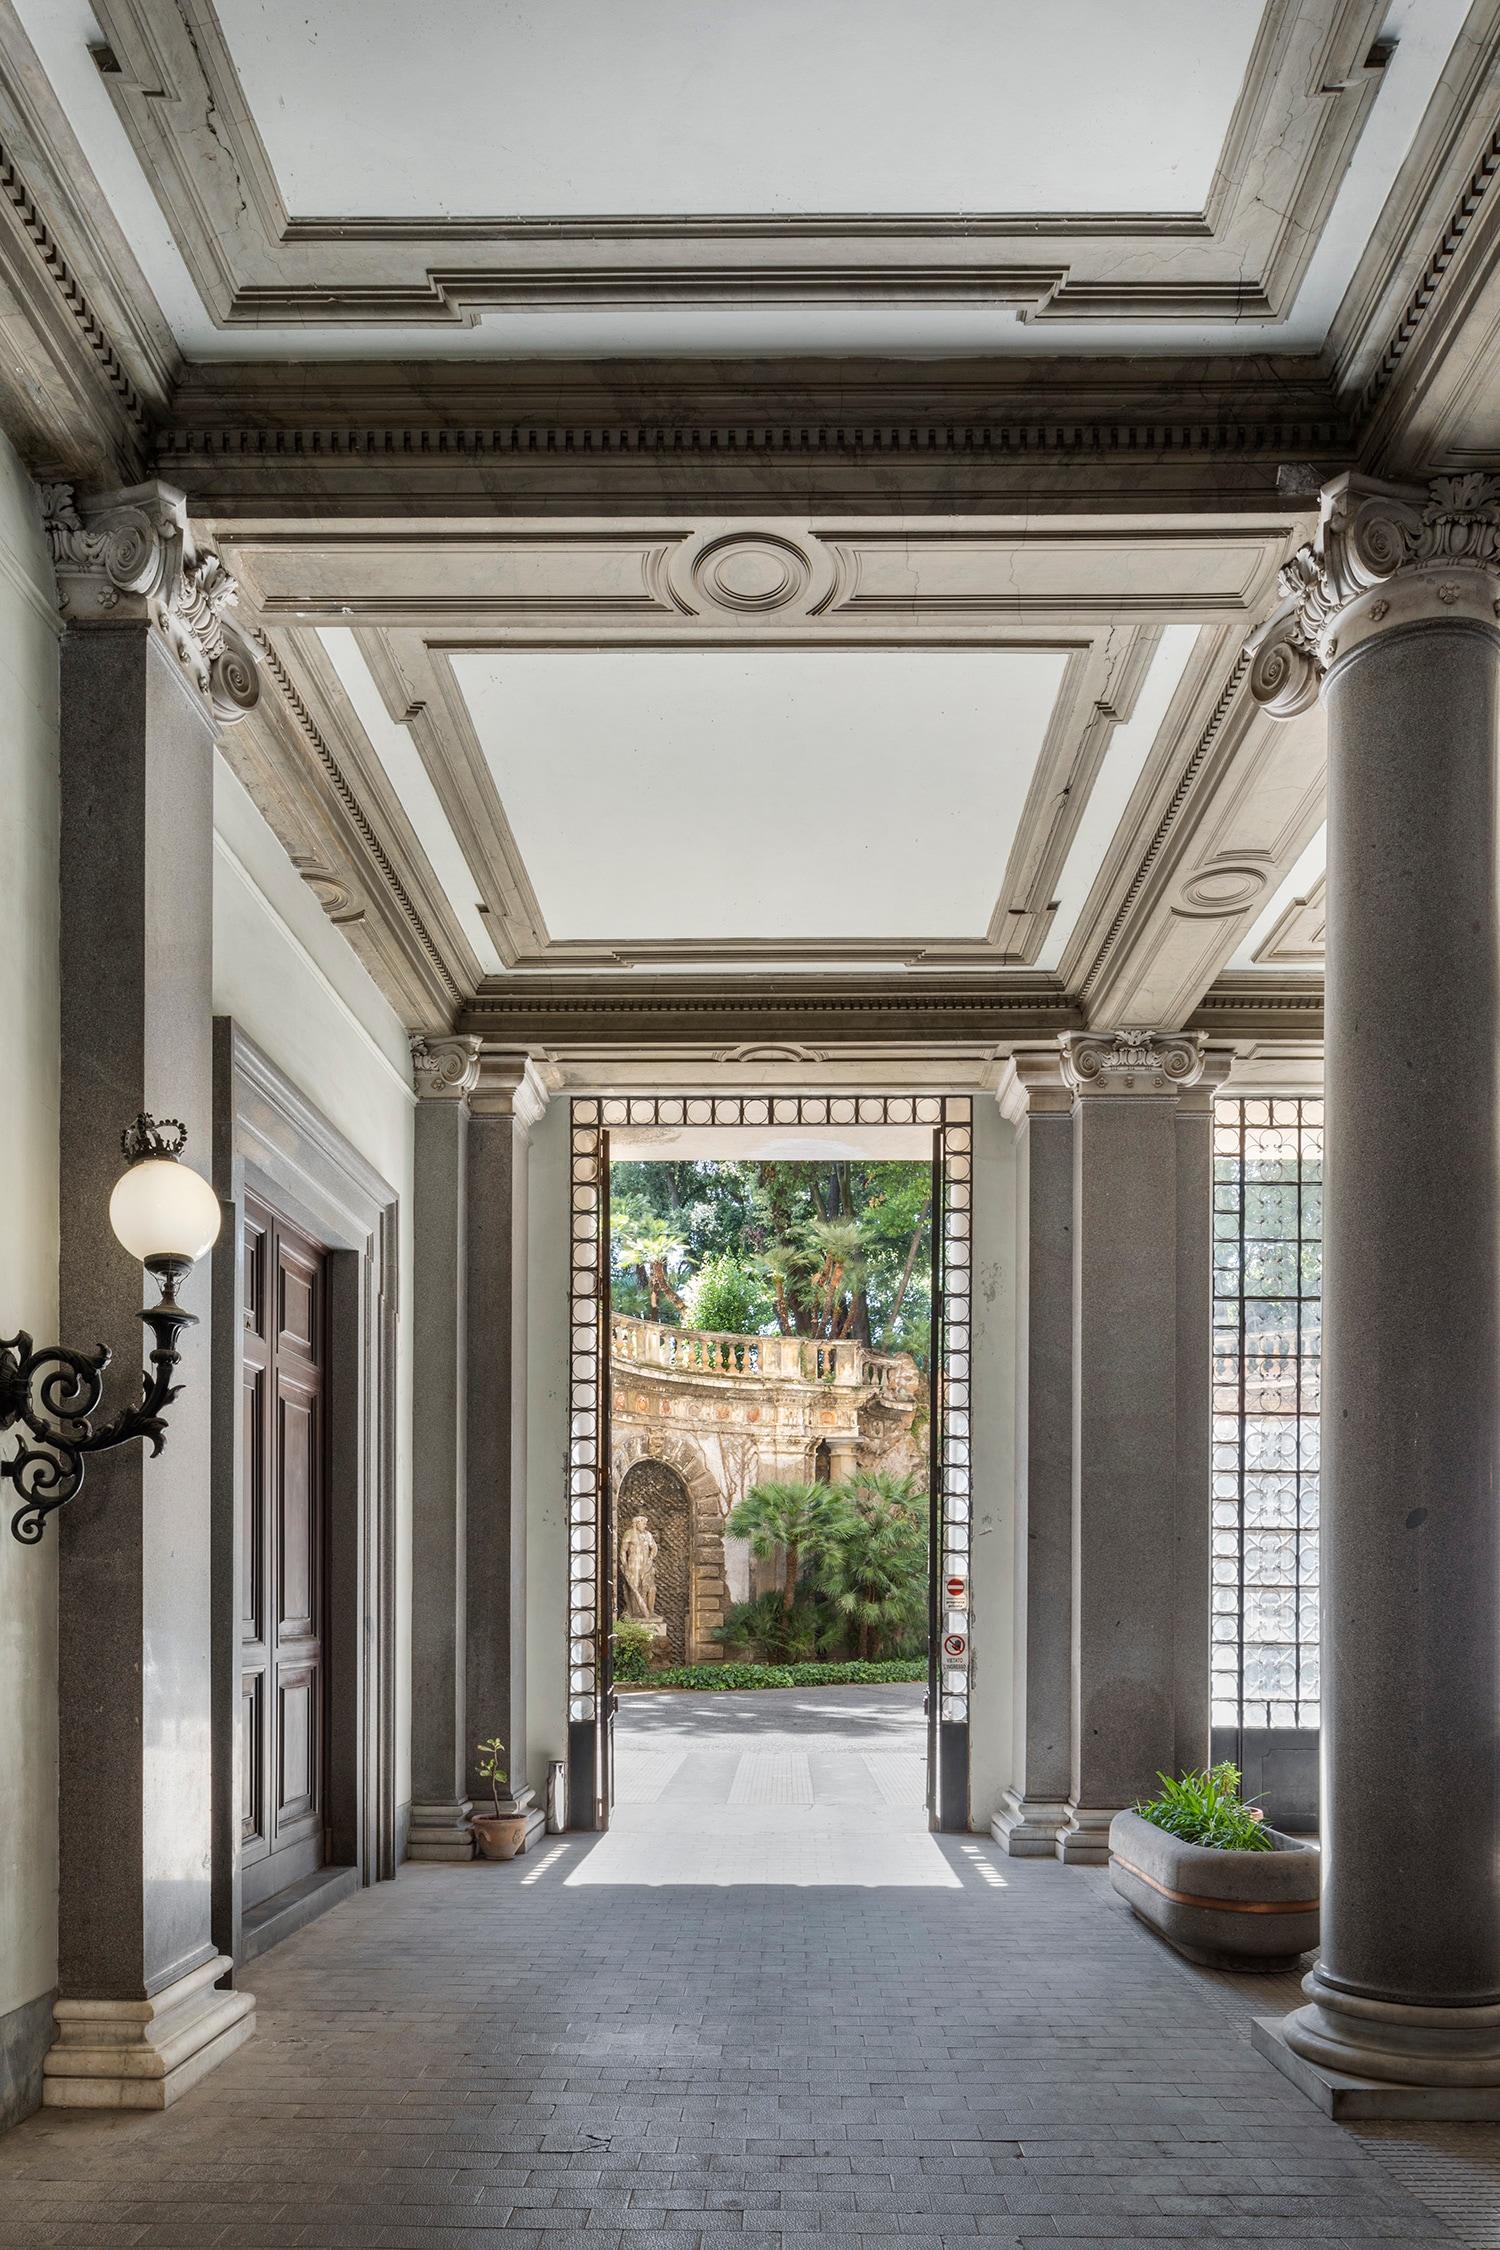 Palazzo Brancaccio, ingresso da Via Merulana con vista sul giardino interno (foto di Serena Eller)